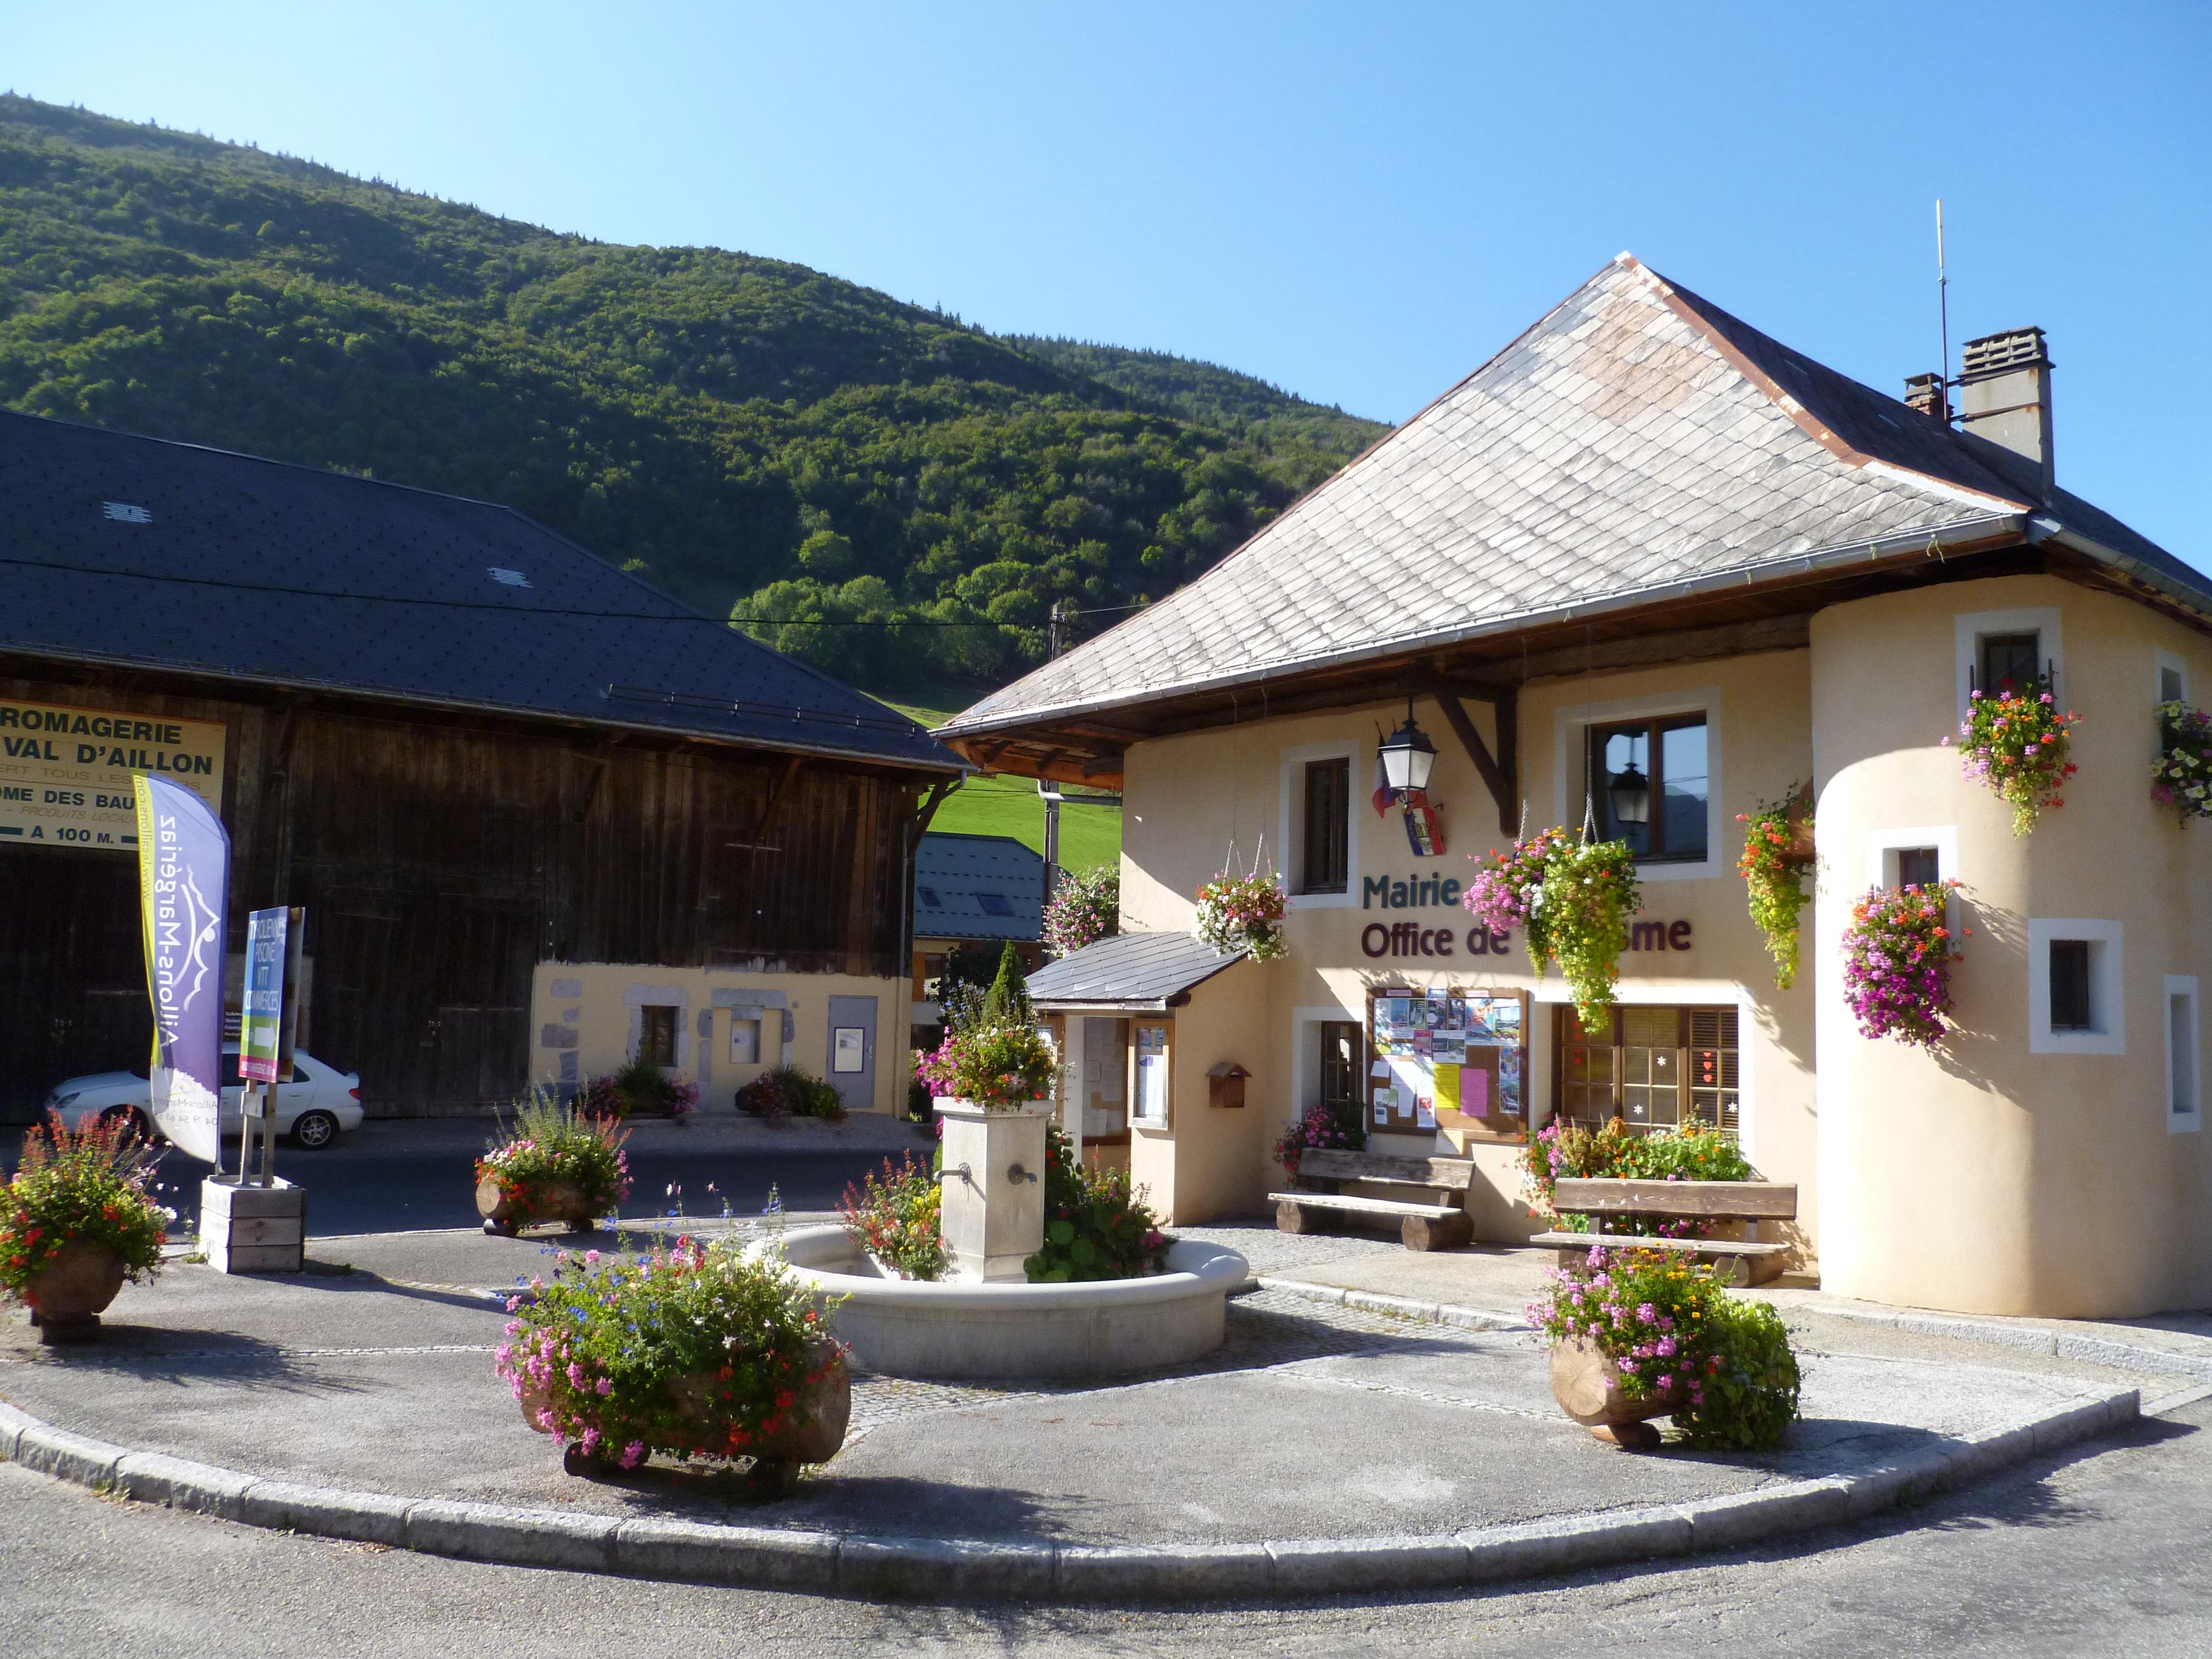 Office de tourisme des aillons marg riaz savoie mont blanc savoie et haute savoie alpes - Office du tourisme deux alpes ...